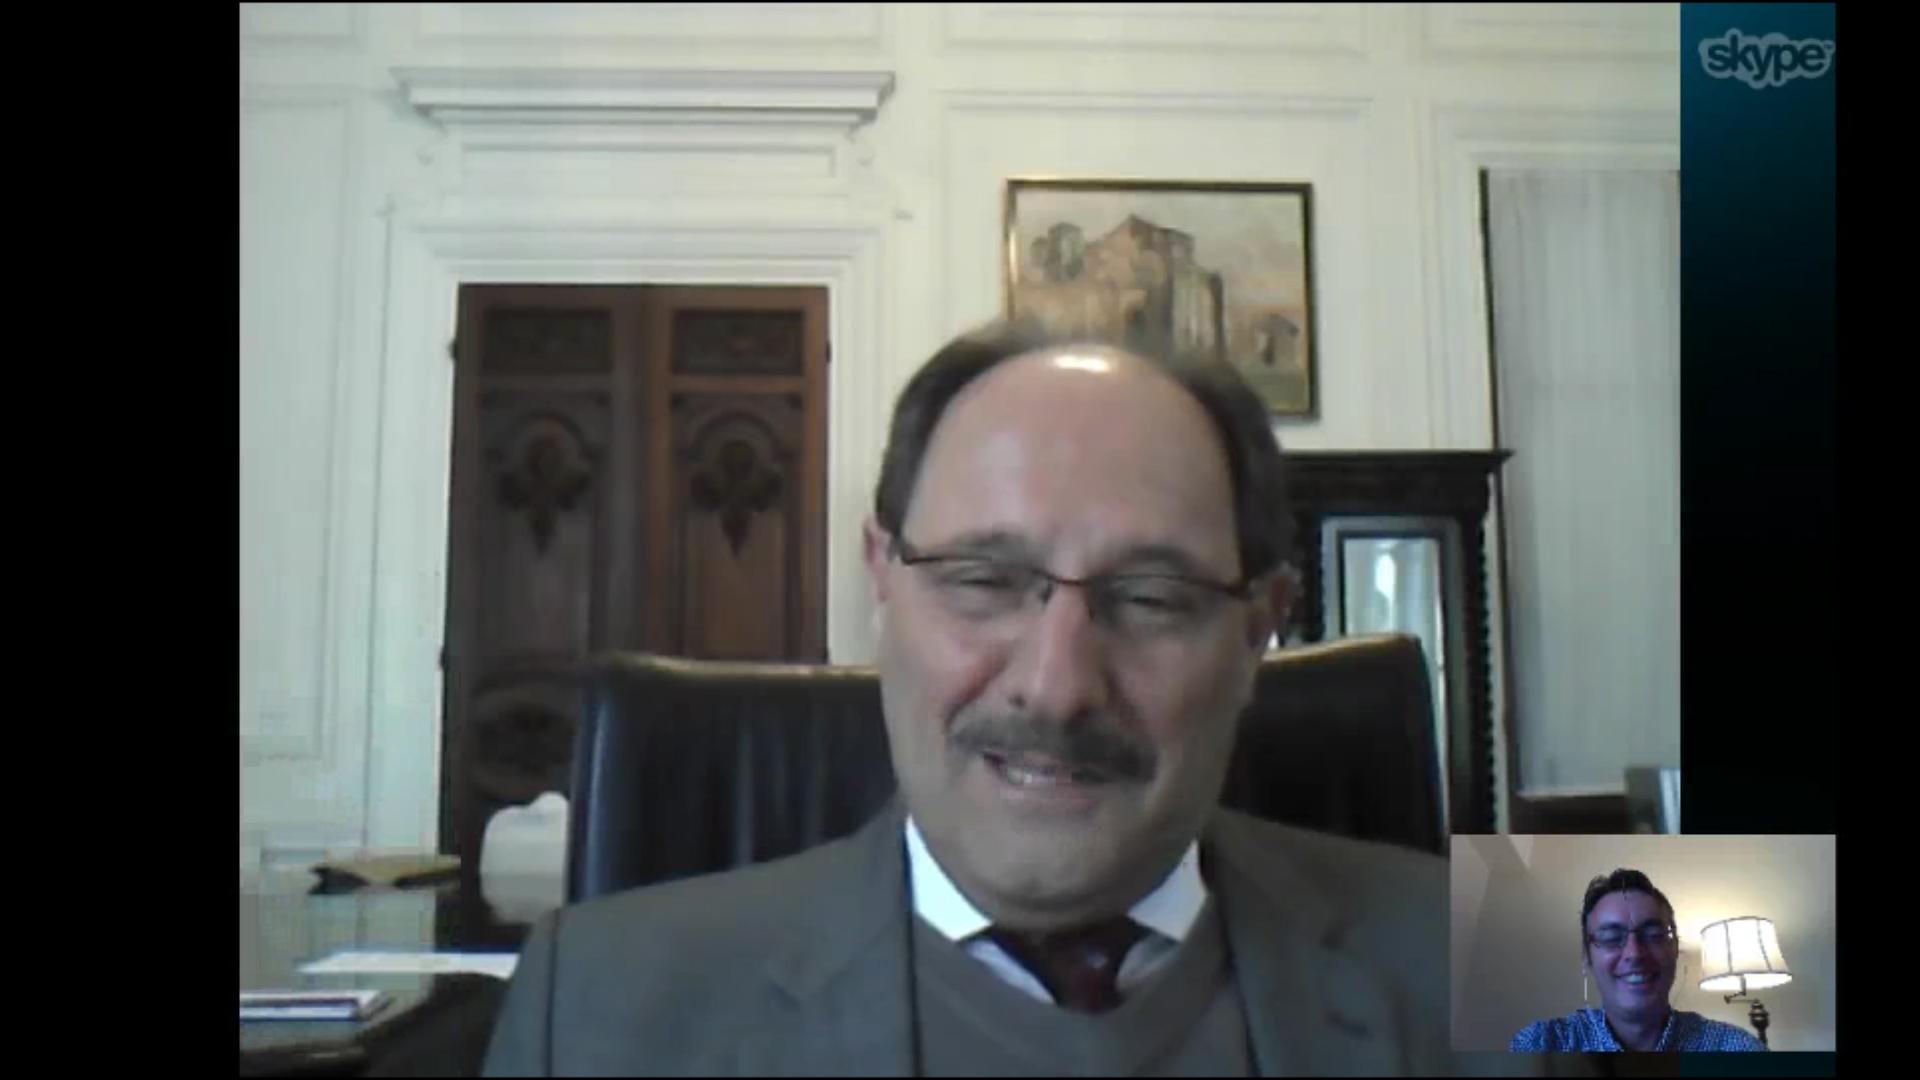 David Coimbra entrevista Sartori por Skype